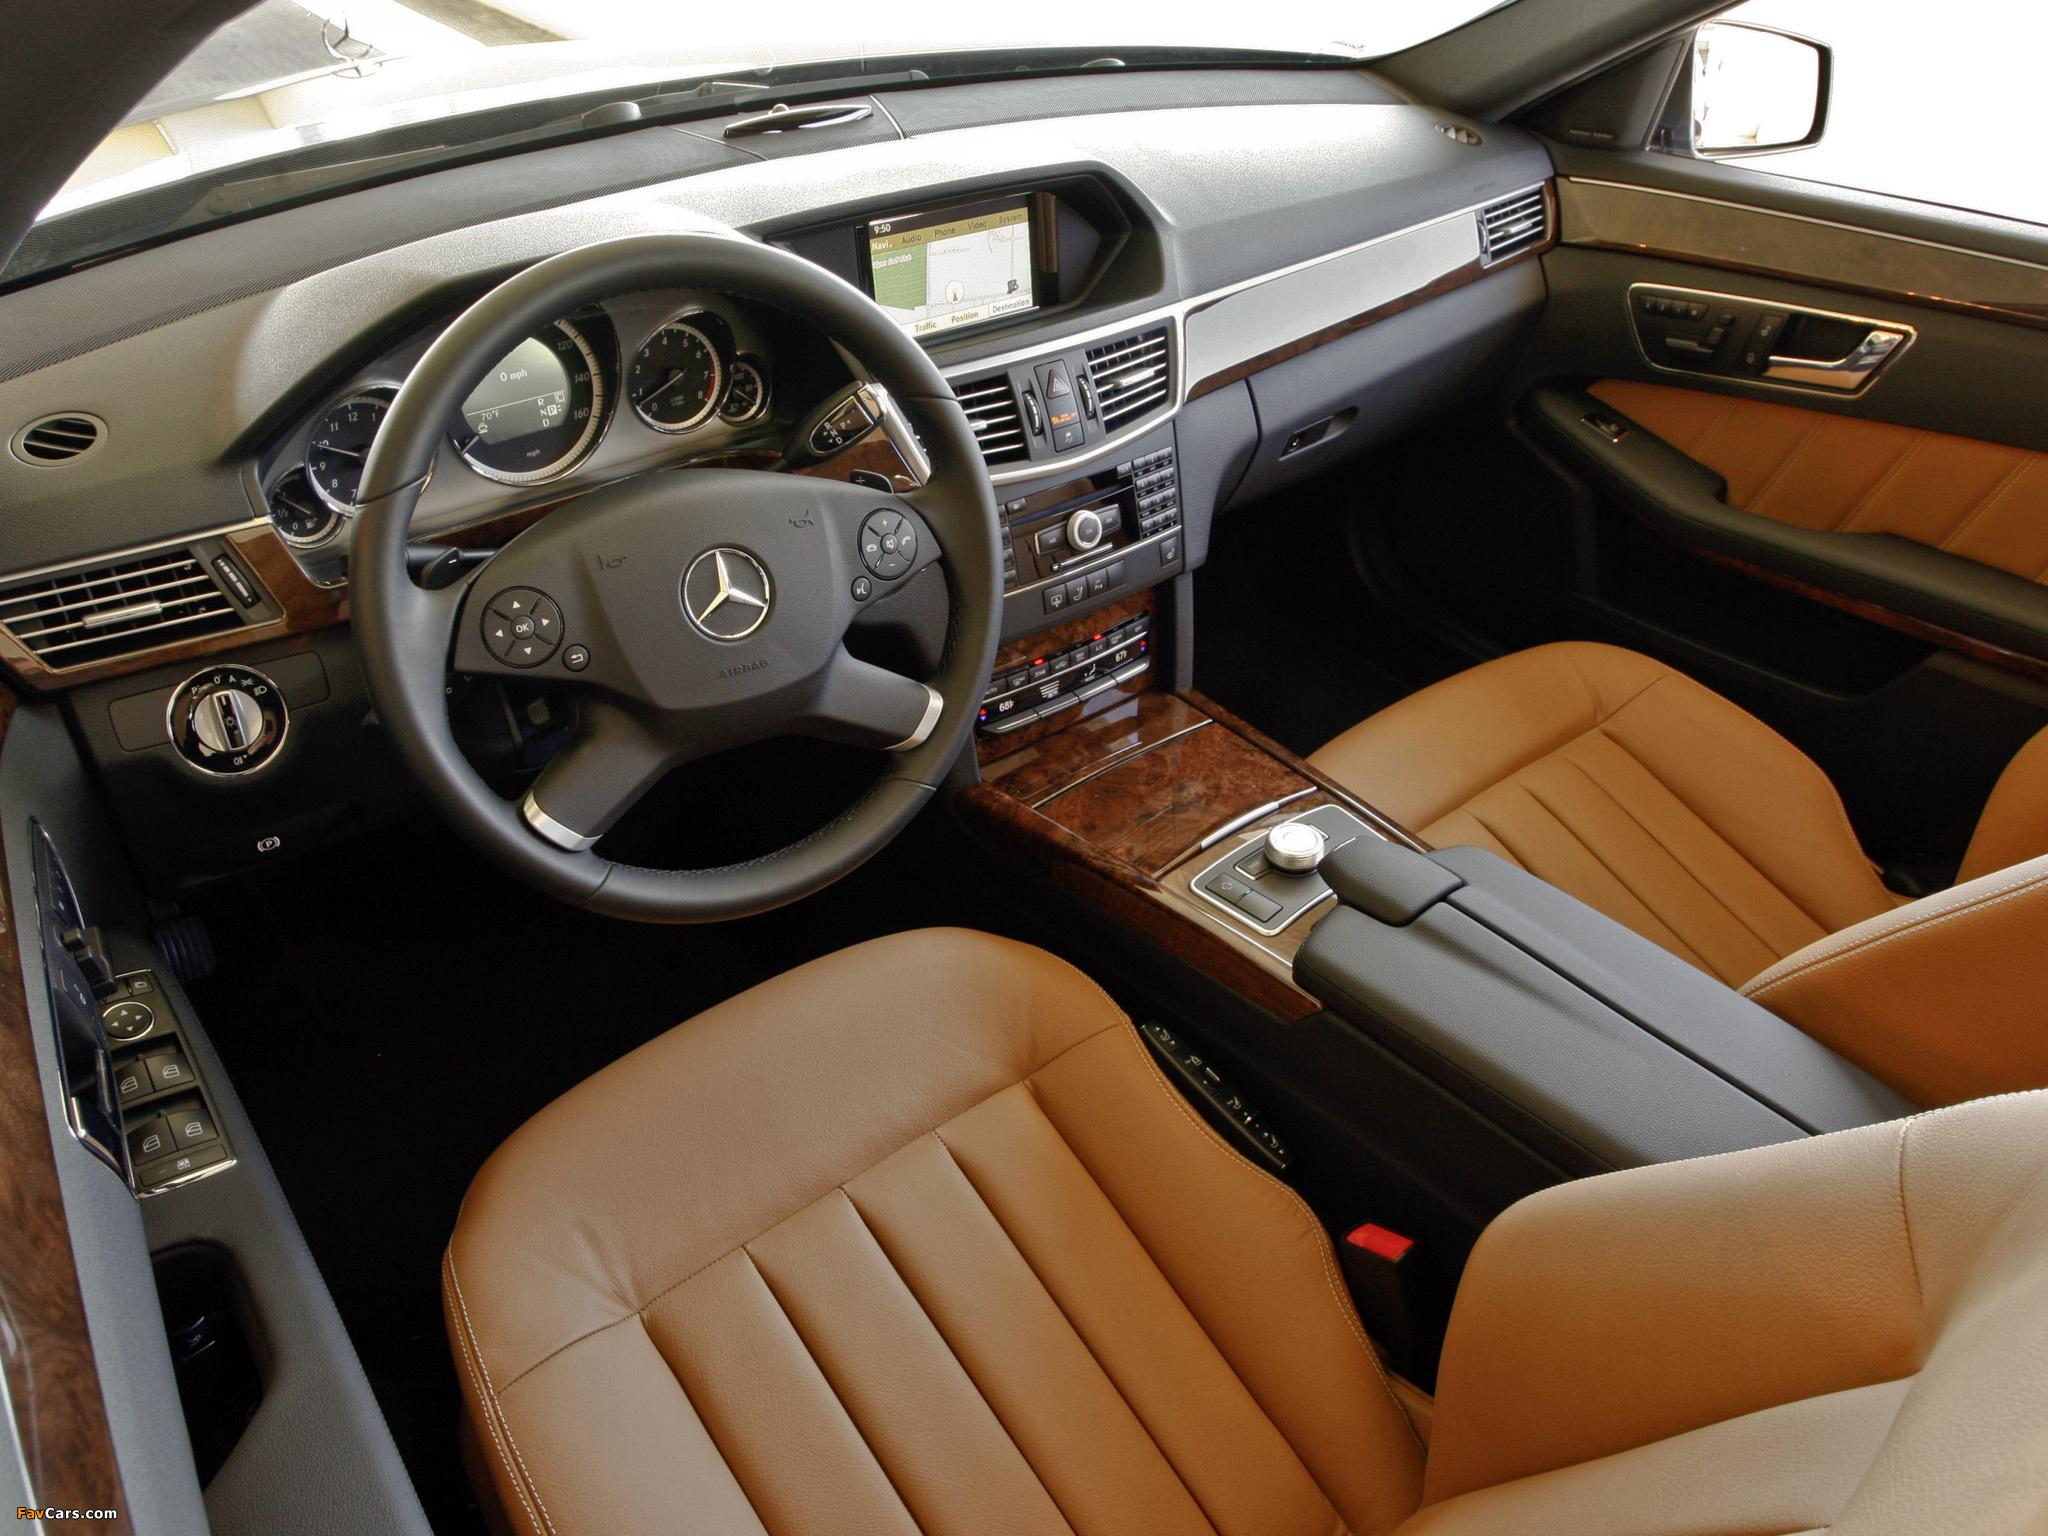 Для каких карт памяти предназначен слот на панели Comand в Mercedes E-Class (W212)